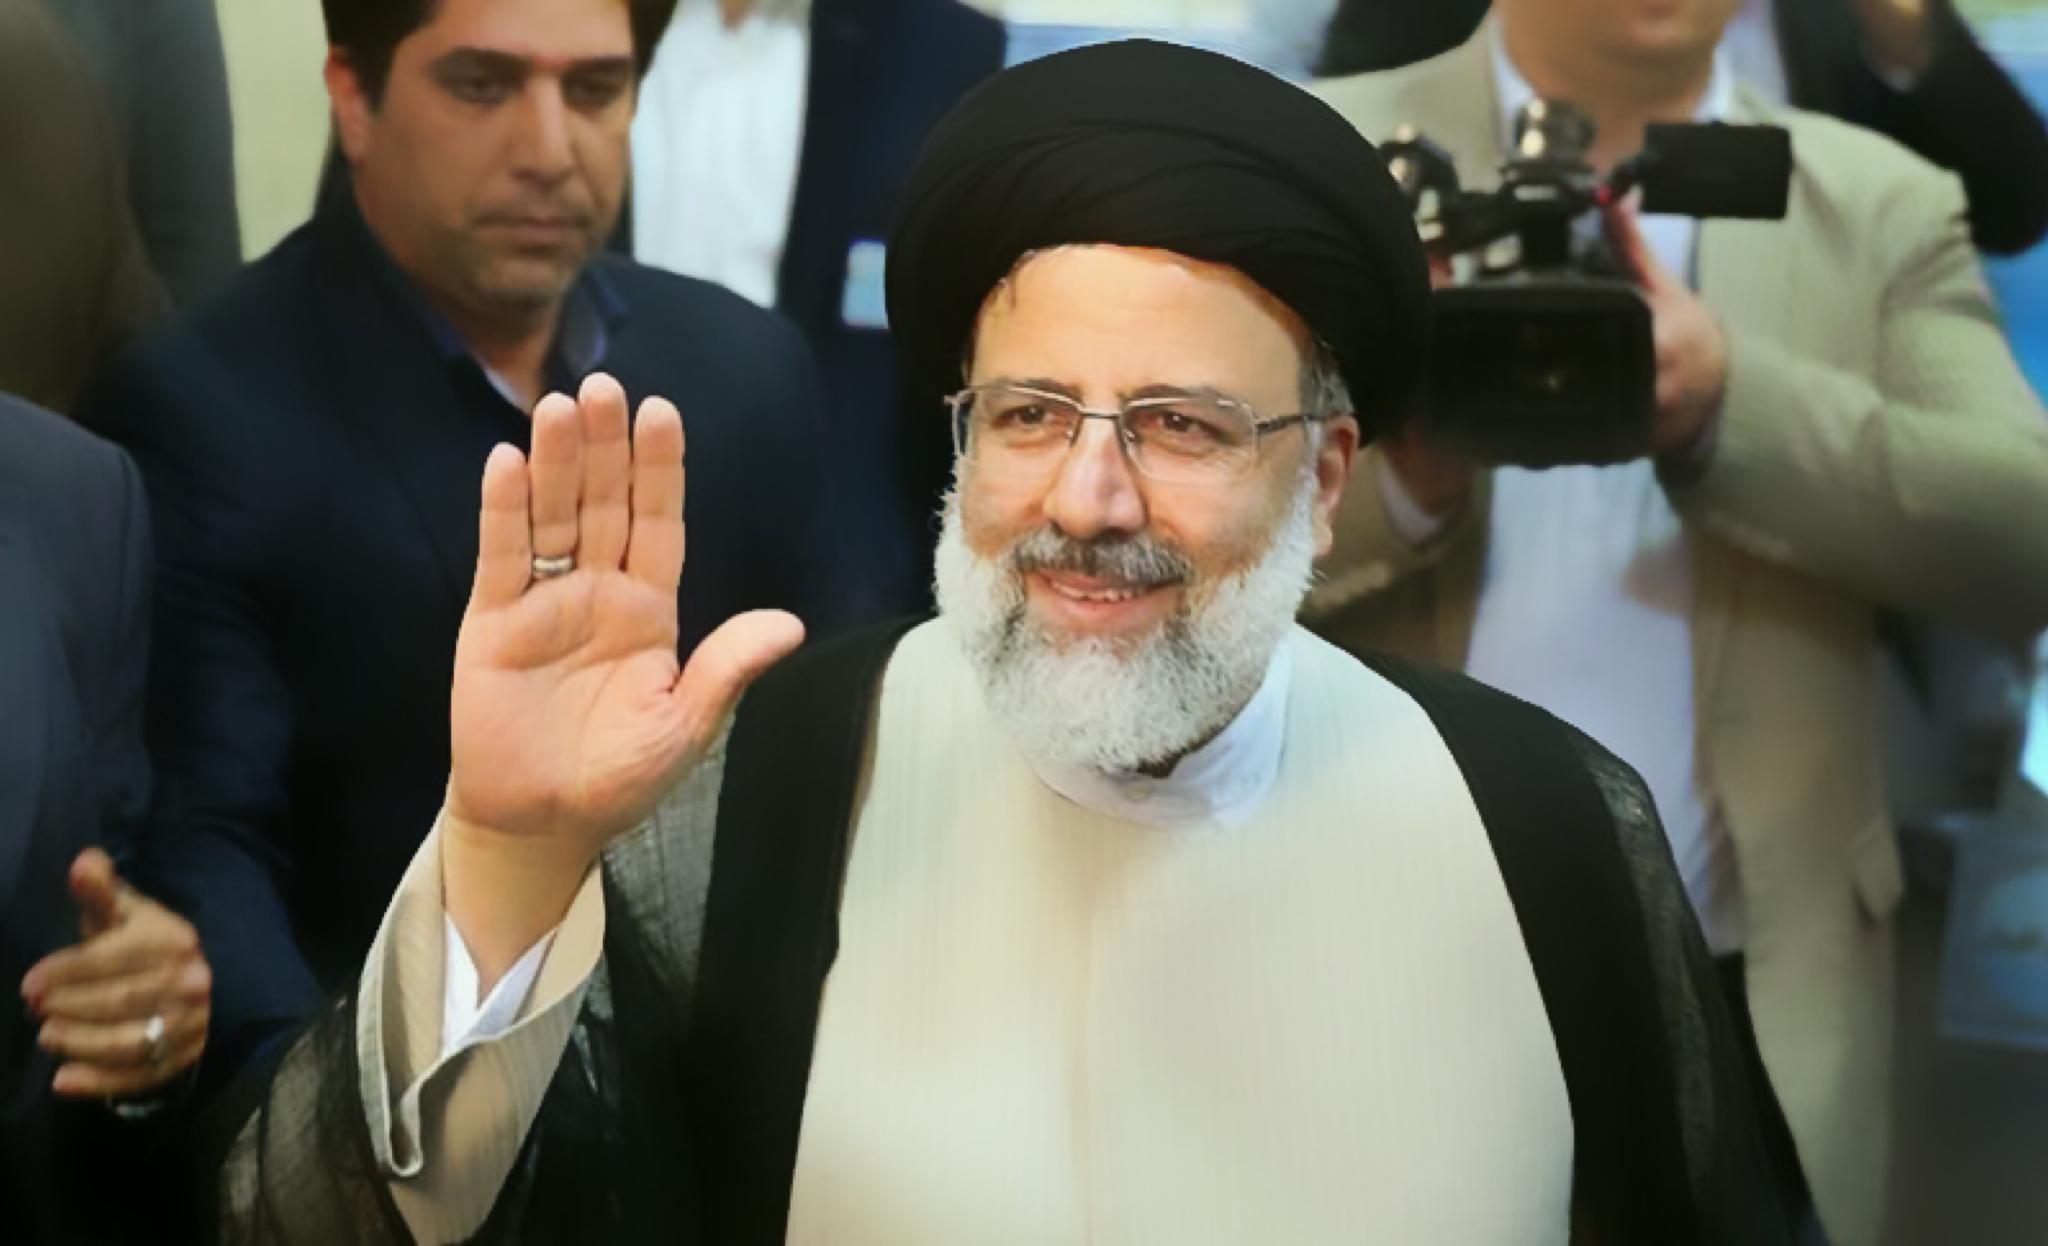 درخواست رئیسی از دبیر شورای نگهبان برای رسیدگی به تخلفات انتخاباتی